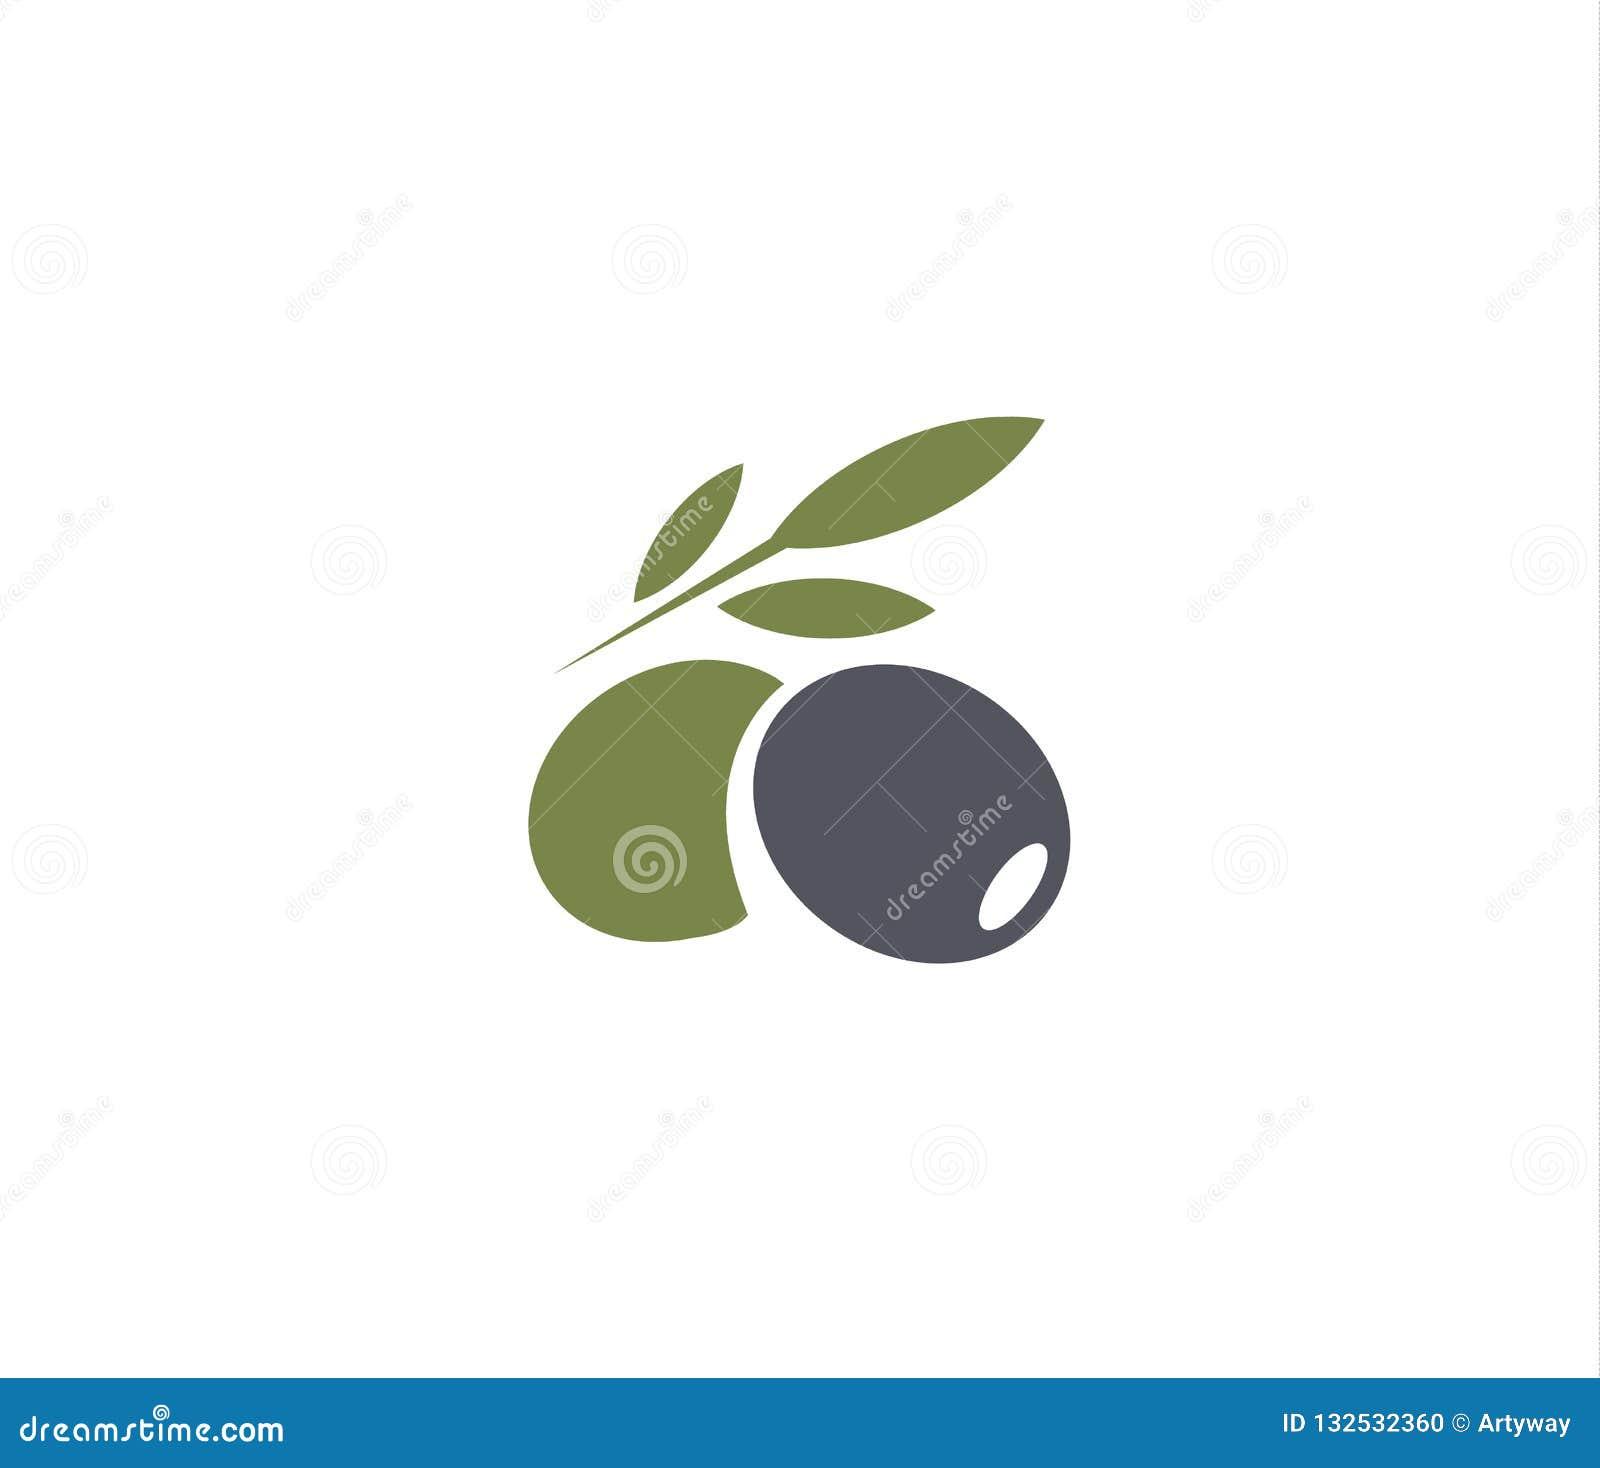 Natural Brand Logo Badge Design: Olives Emblem. Olive Oil Logo Element. Green Olive Branch